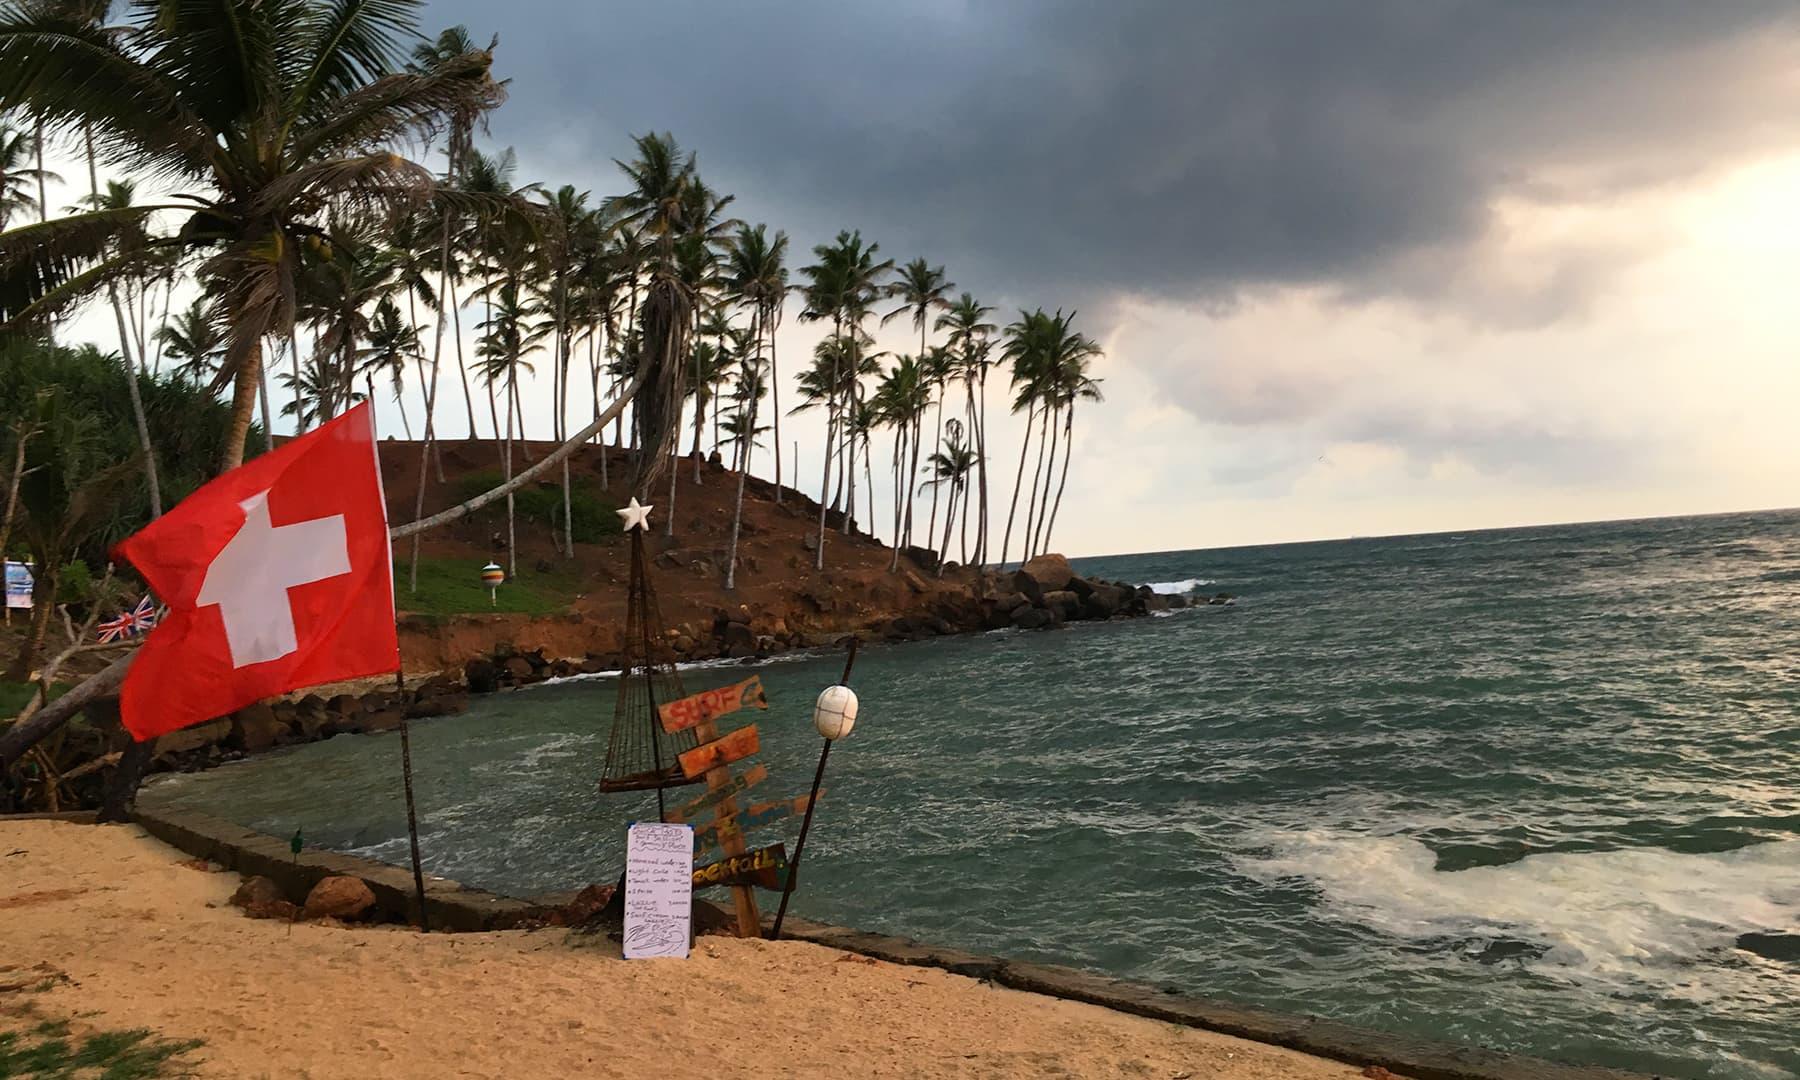 یہ پوری ساحلی پٹی انتہائی خوبصورت ہے اور ہر چند کلومیٹر بعد ایک دلفریب بیچ نظر آتا ہے—تصویر امتیاز احمد